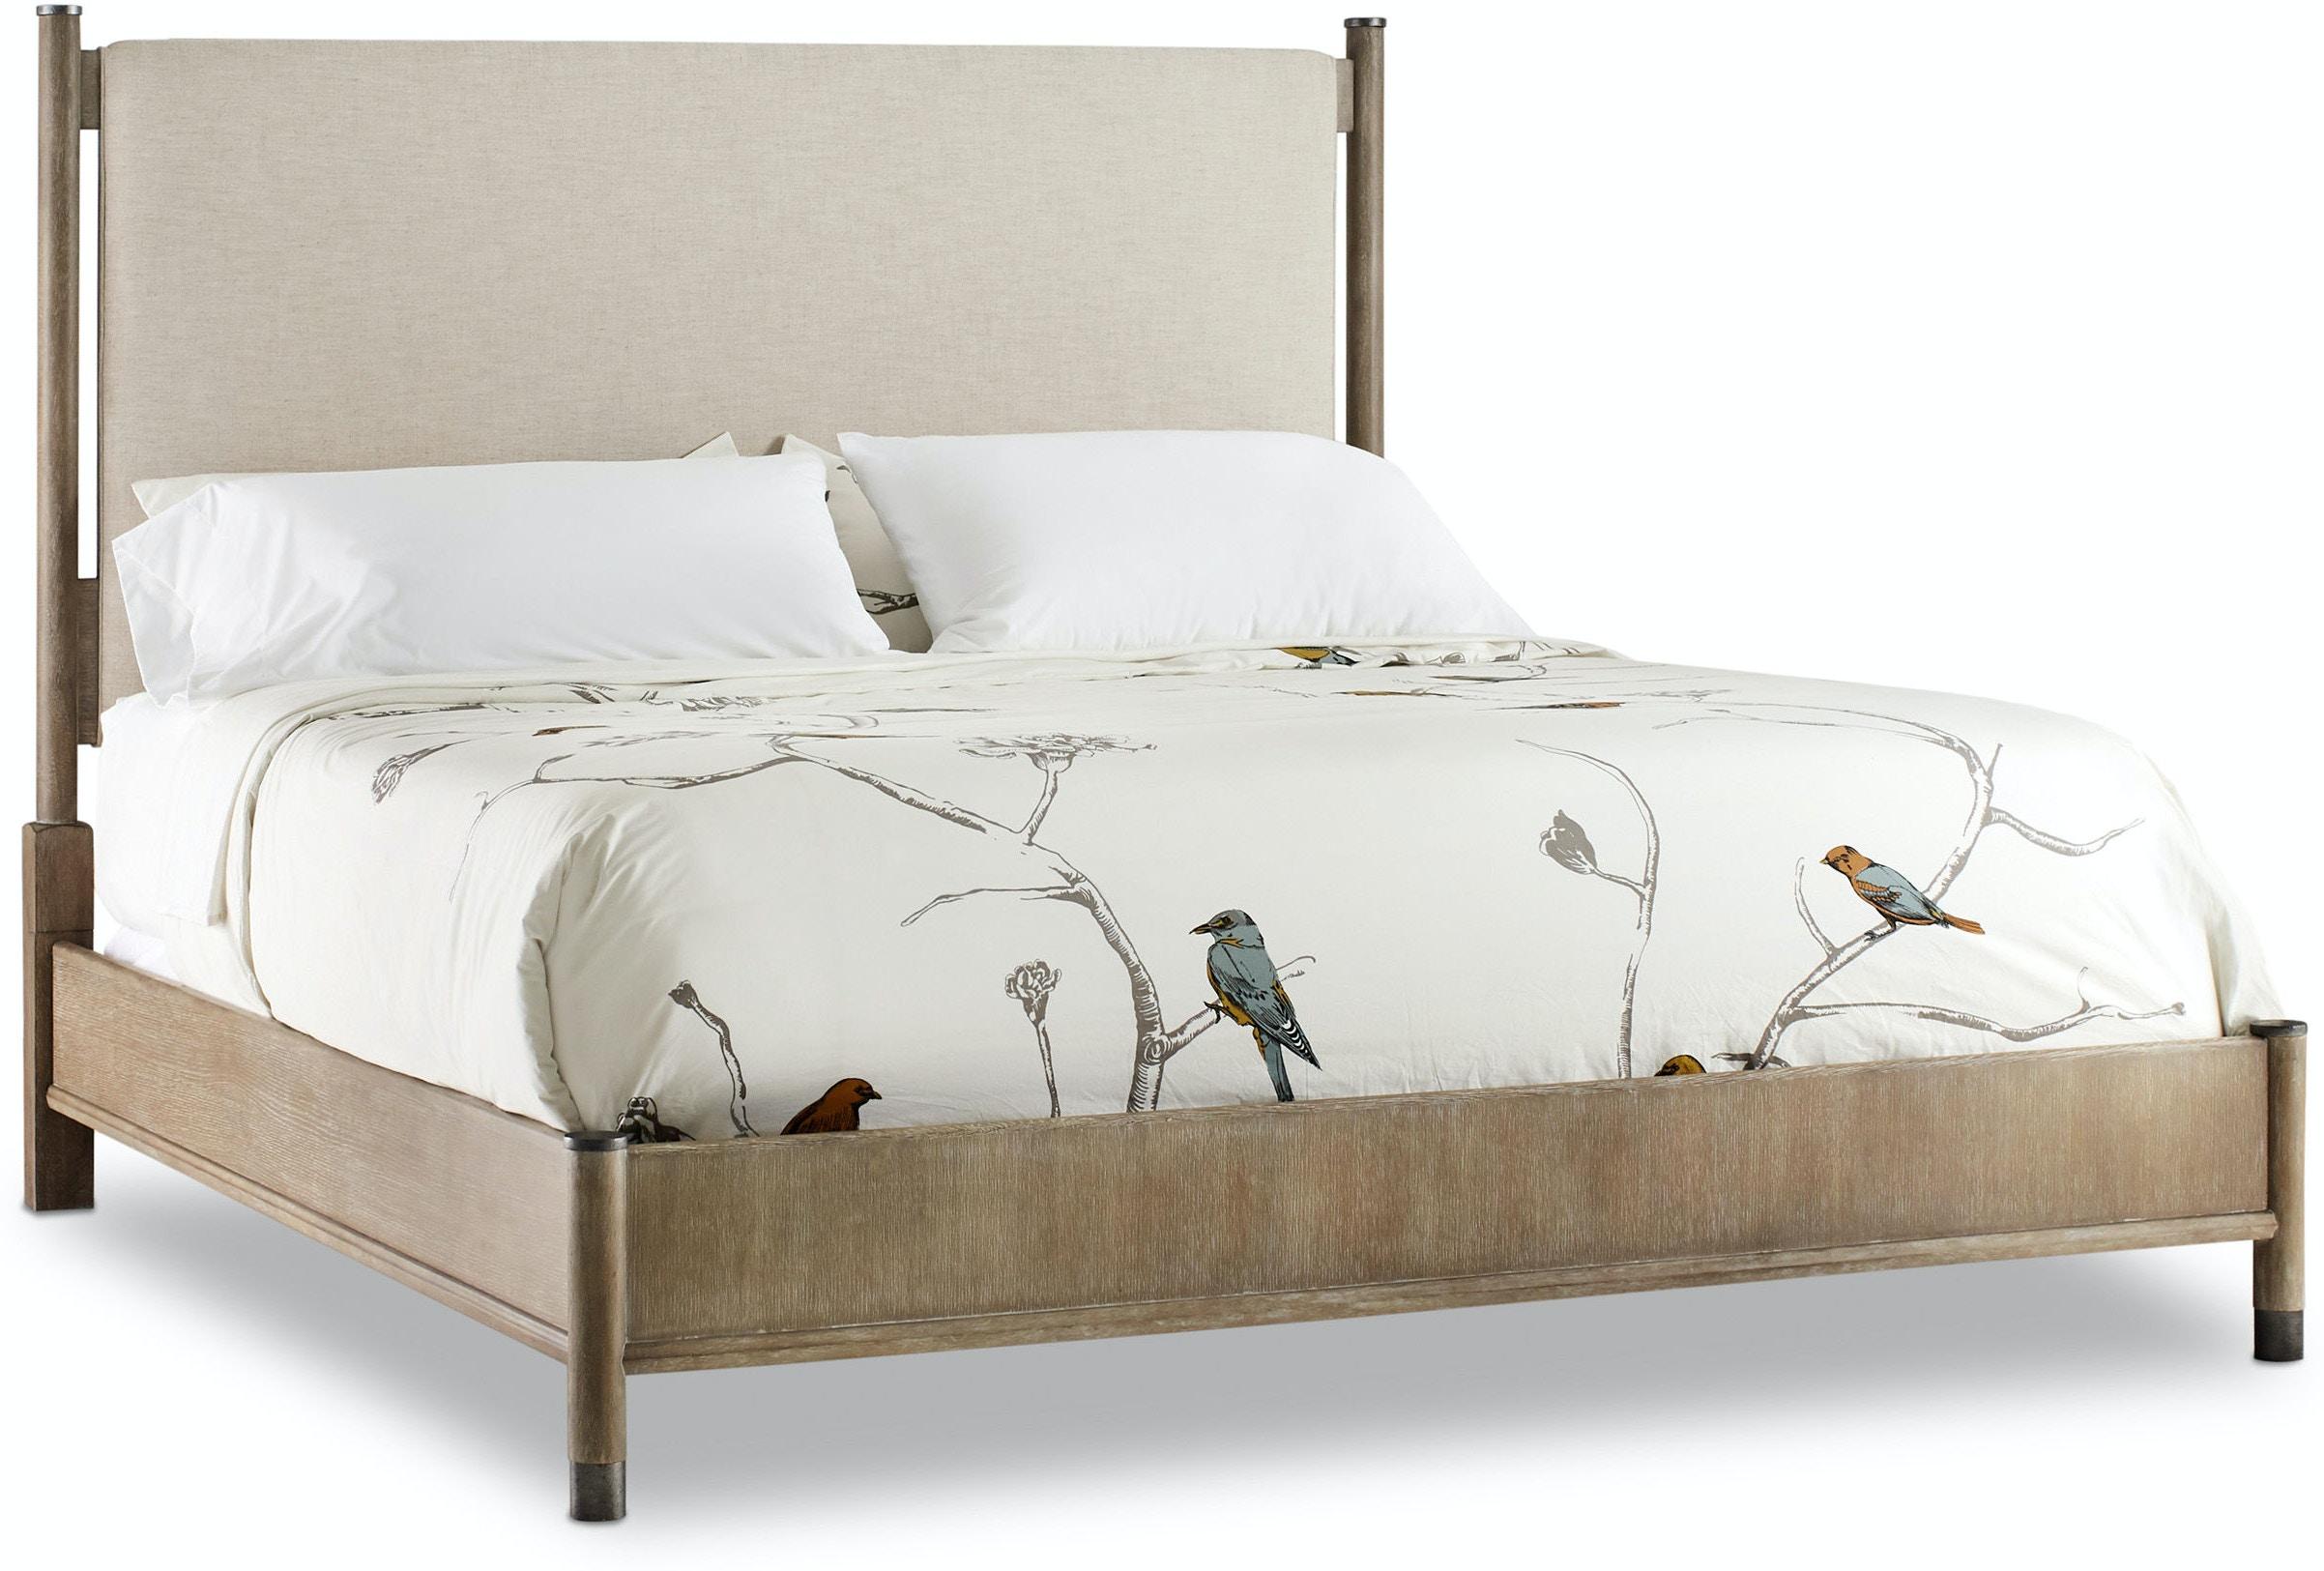 Hooker Furniture Bedroom Affinity King Upholstered Bed HS605090966GRY  Walter E. Smithe Furniture + Design